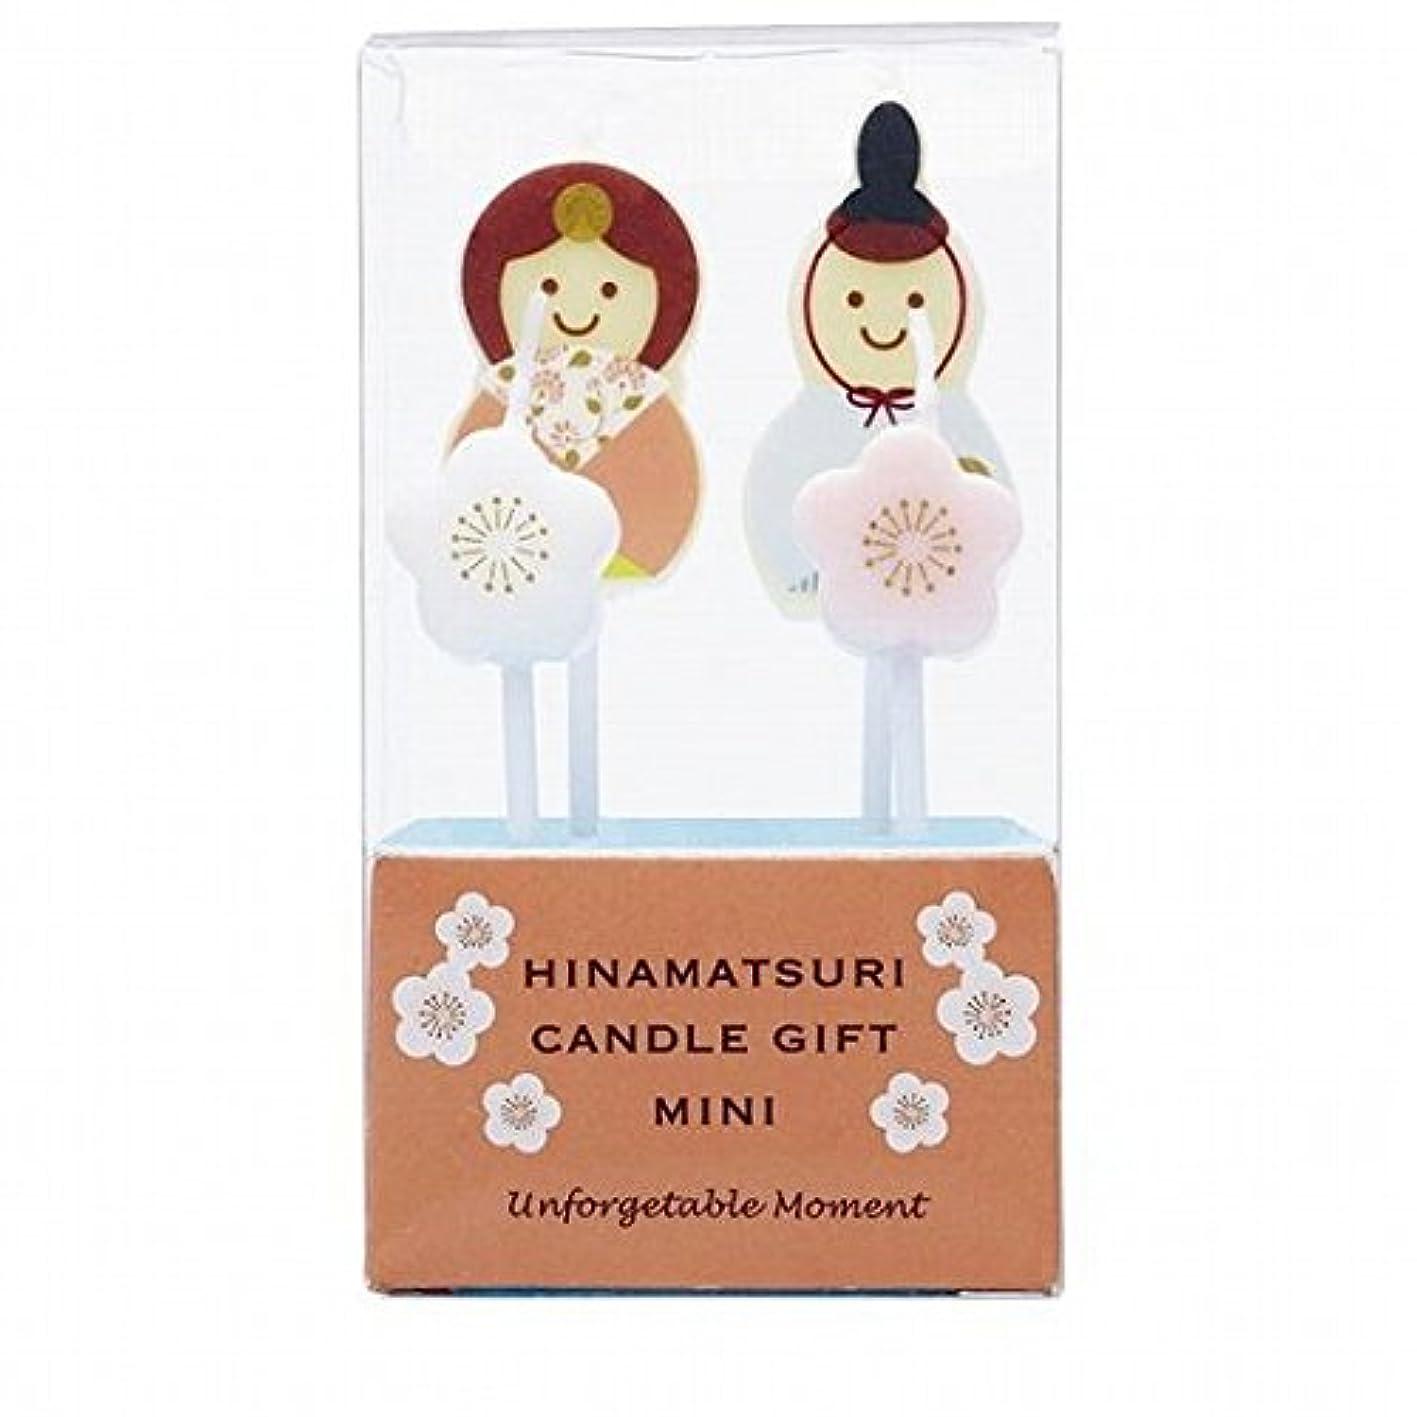 隣接するオーナー無効にするkameyama candle(カメヤマキャンドル) ひなまつりキャンドルギフトミニ(55350080)